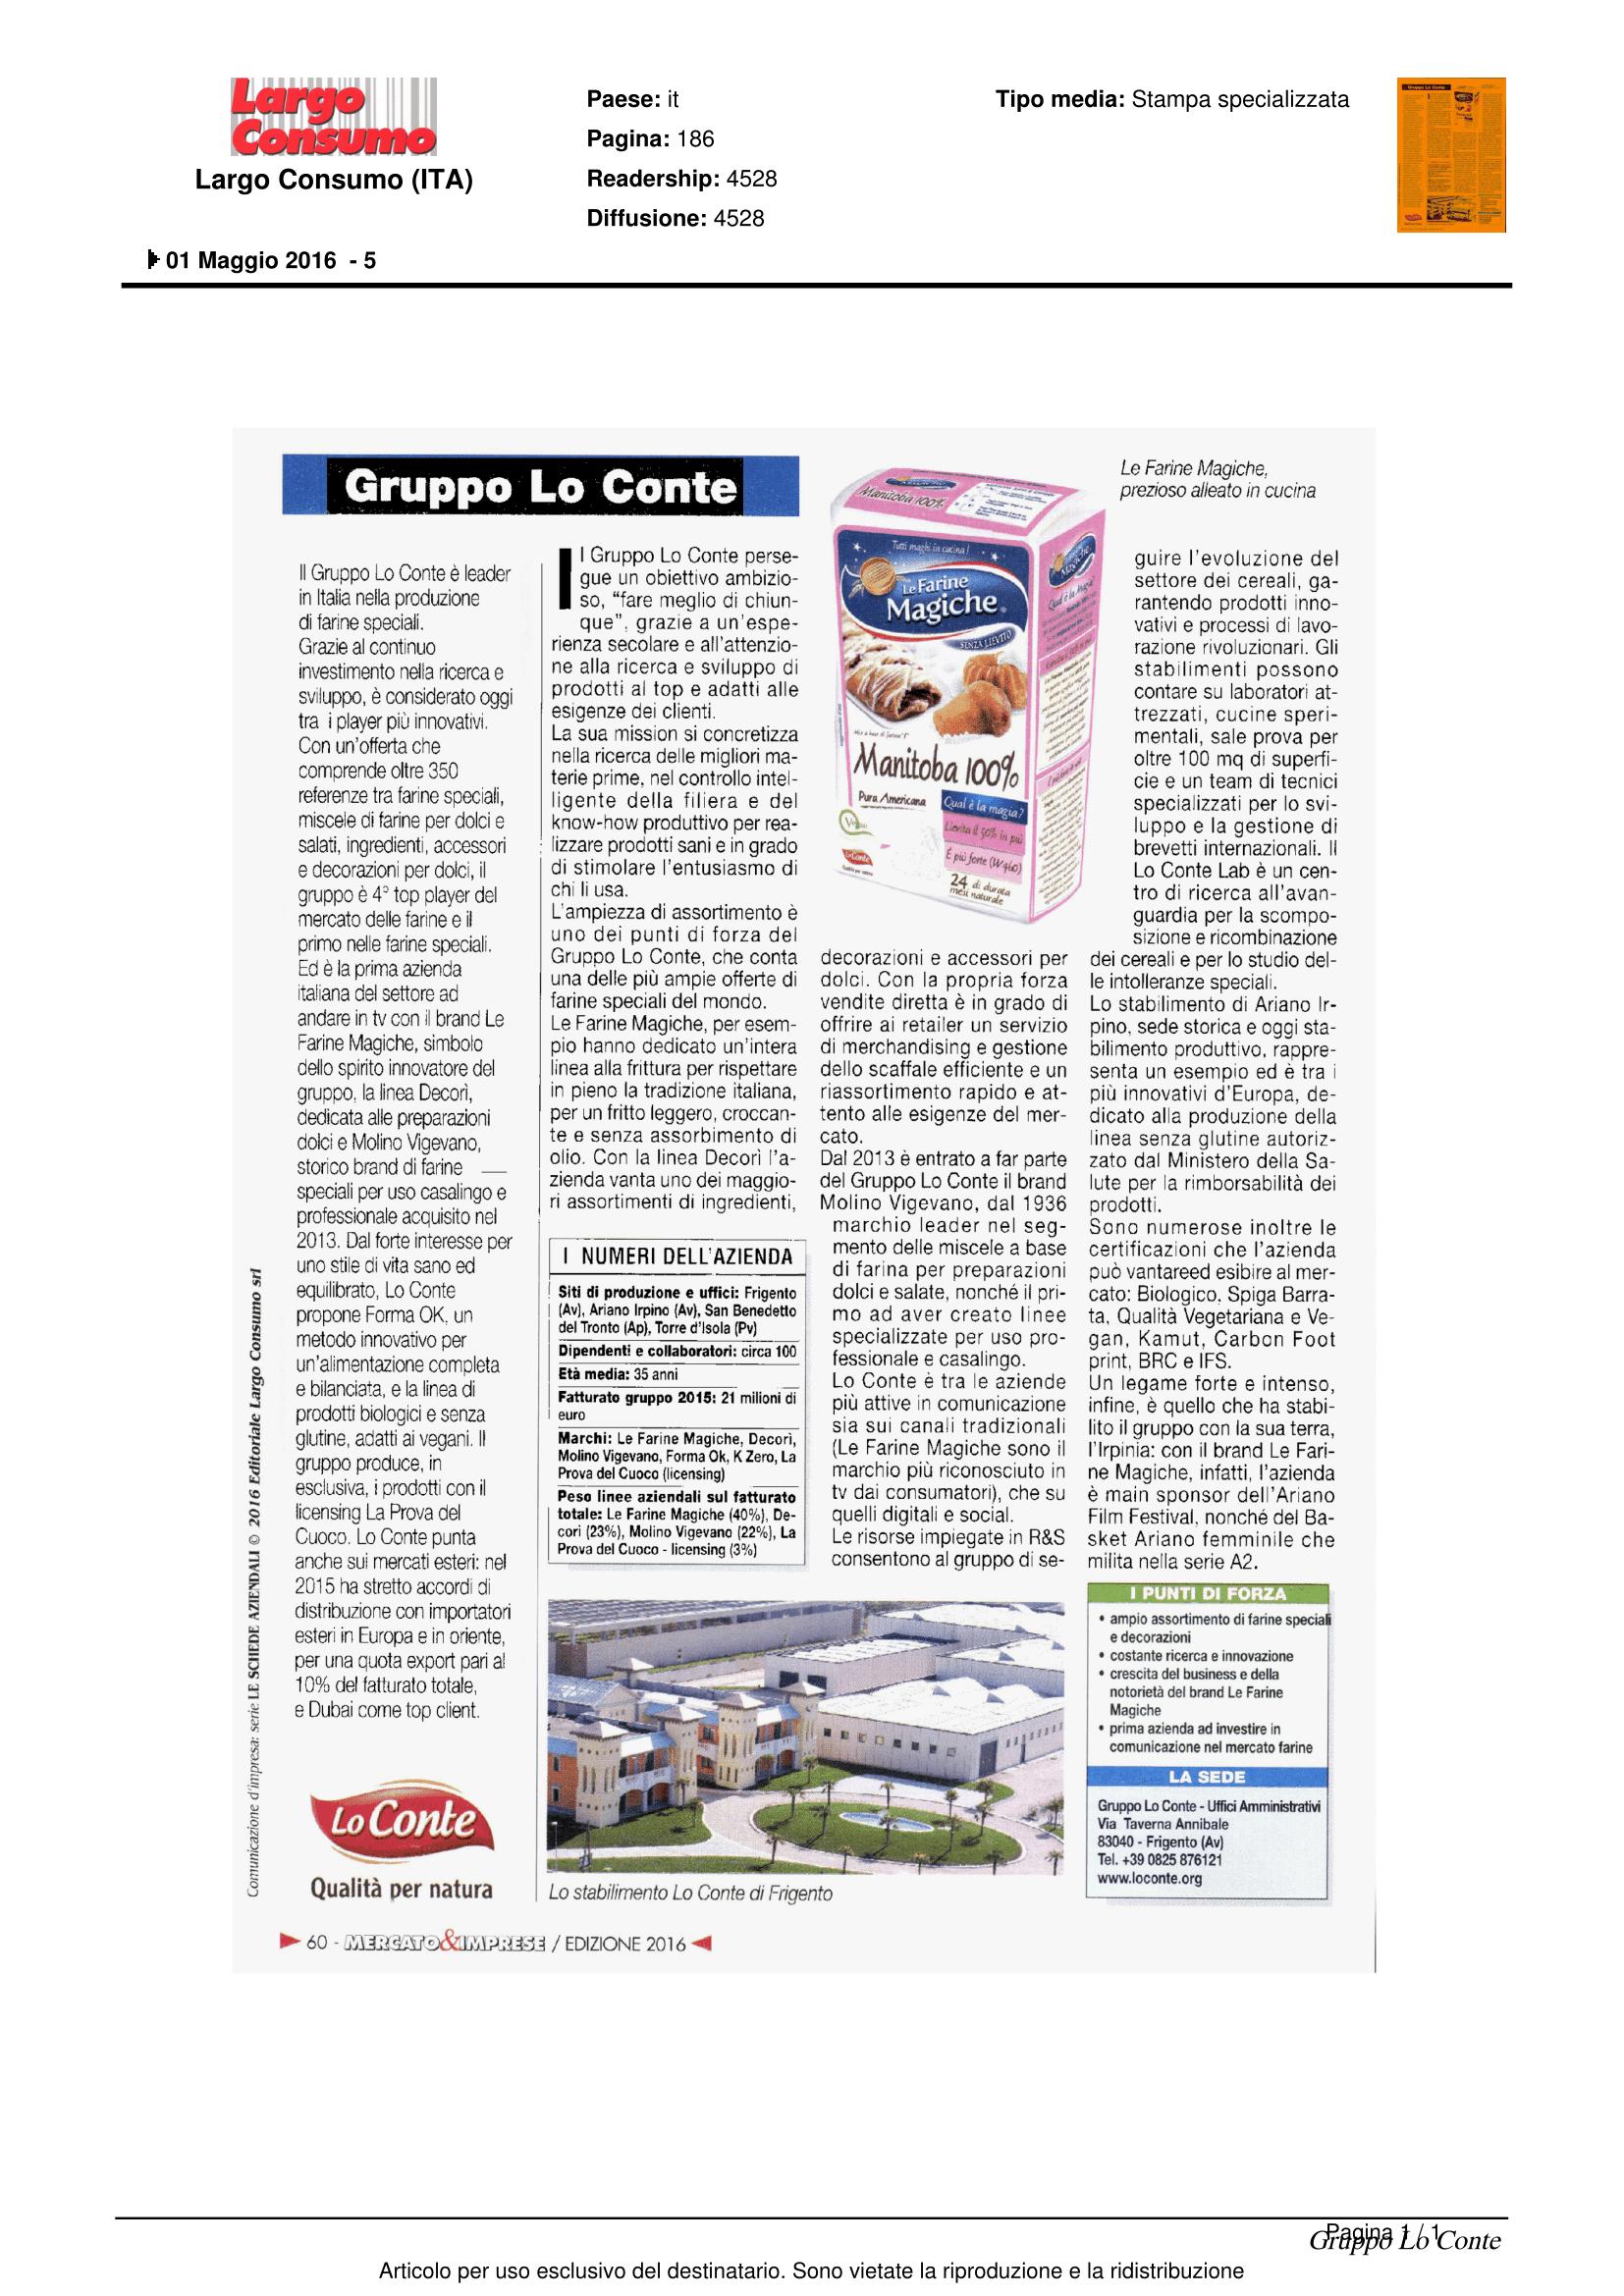 01.05.16_largo_consumo_GruppoLoConte-1